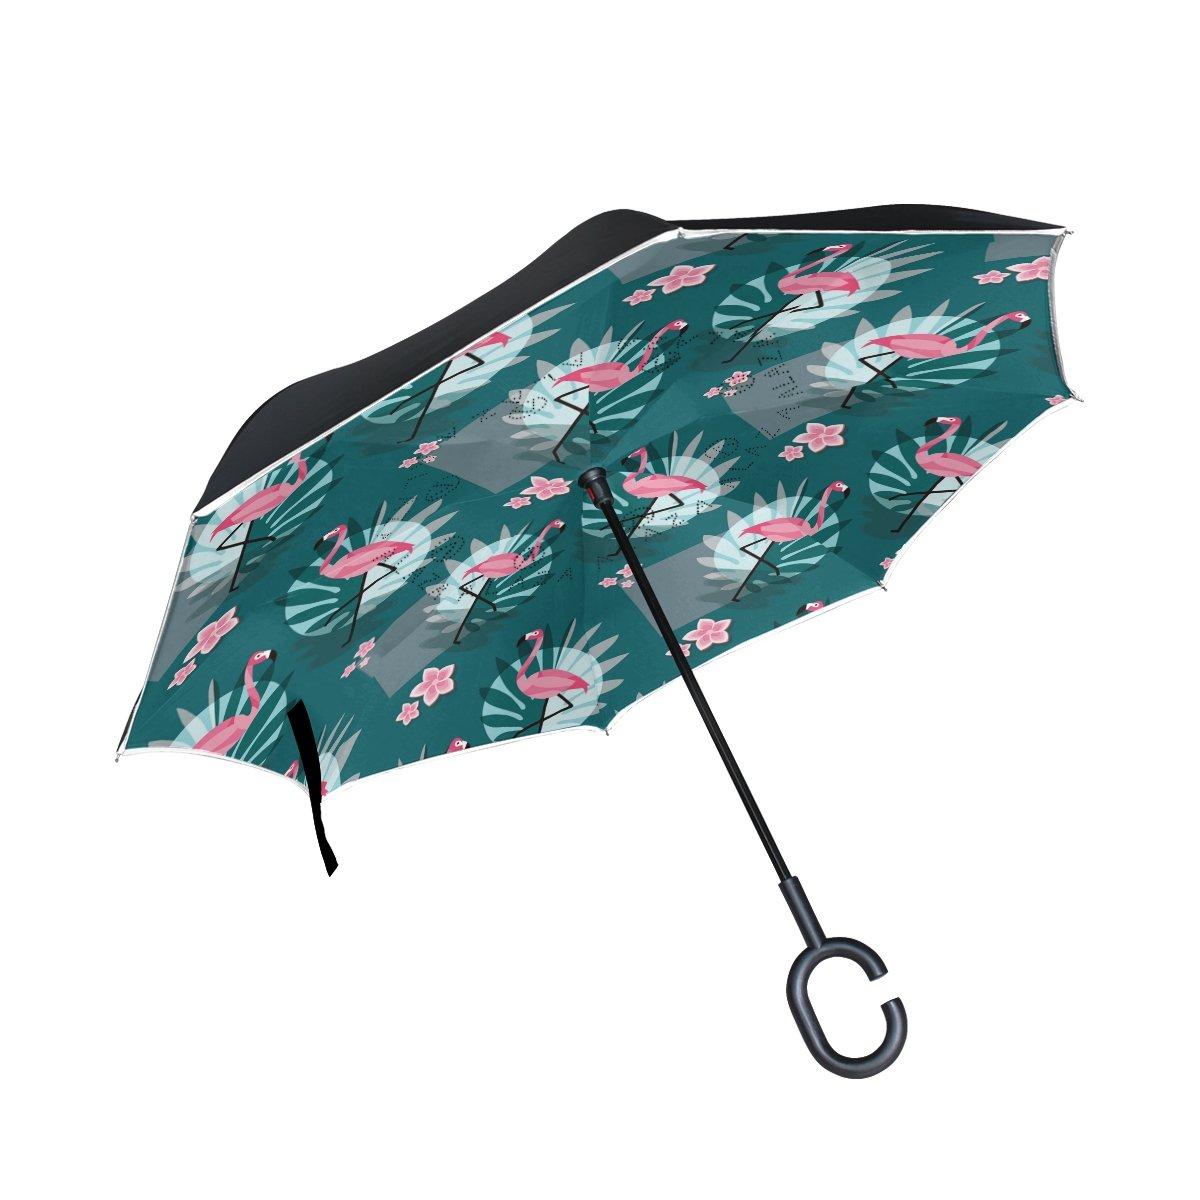 MAILIM Paraguas de Verano, Diseño de Flamencos con Frutas y Paraguas invertido, Doble Capa, Mango en C, Resistente al Viento: Amazon.es: Deportes y aire ...